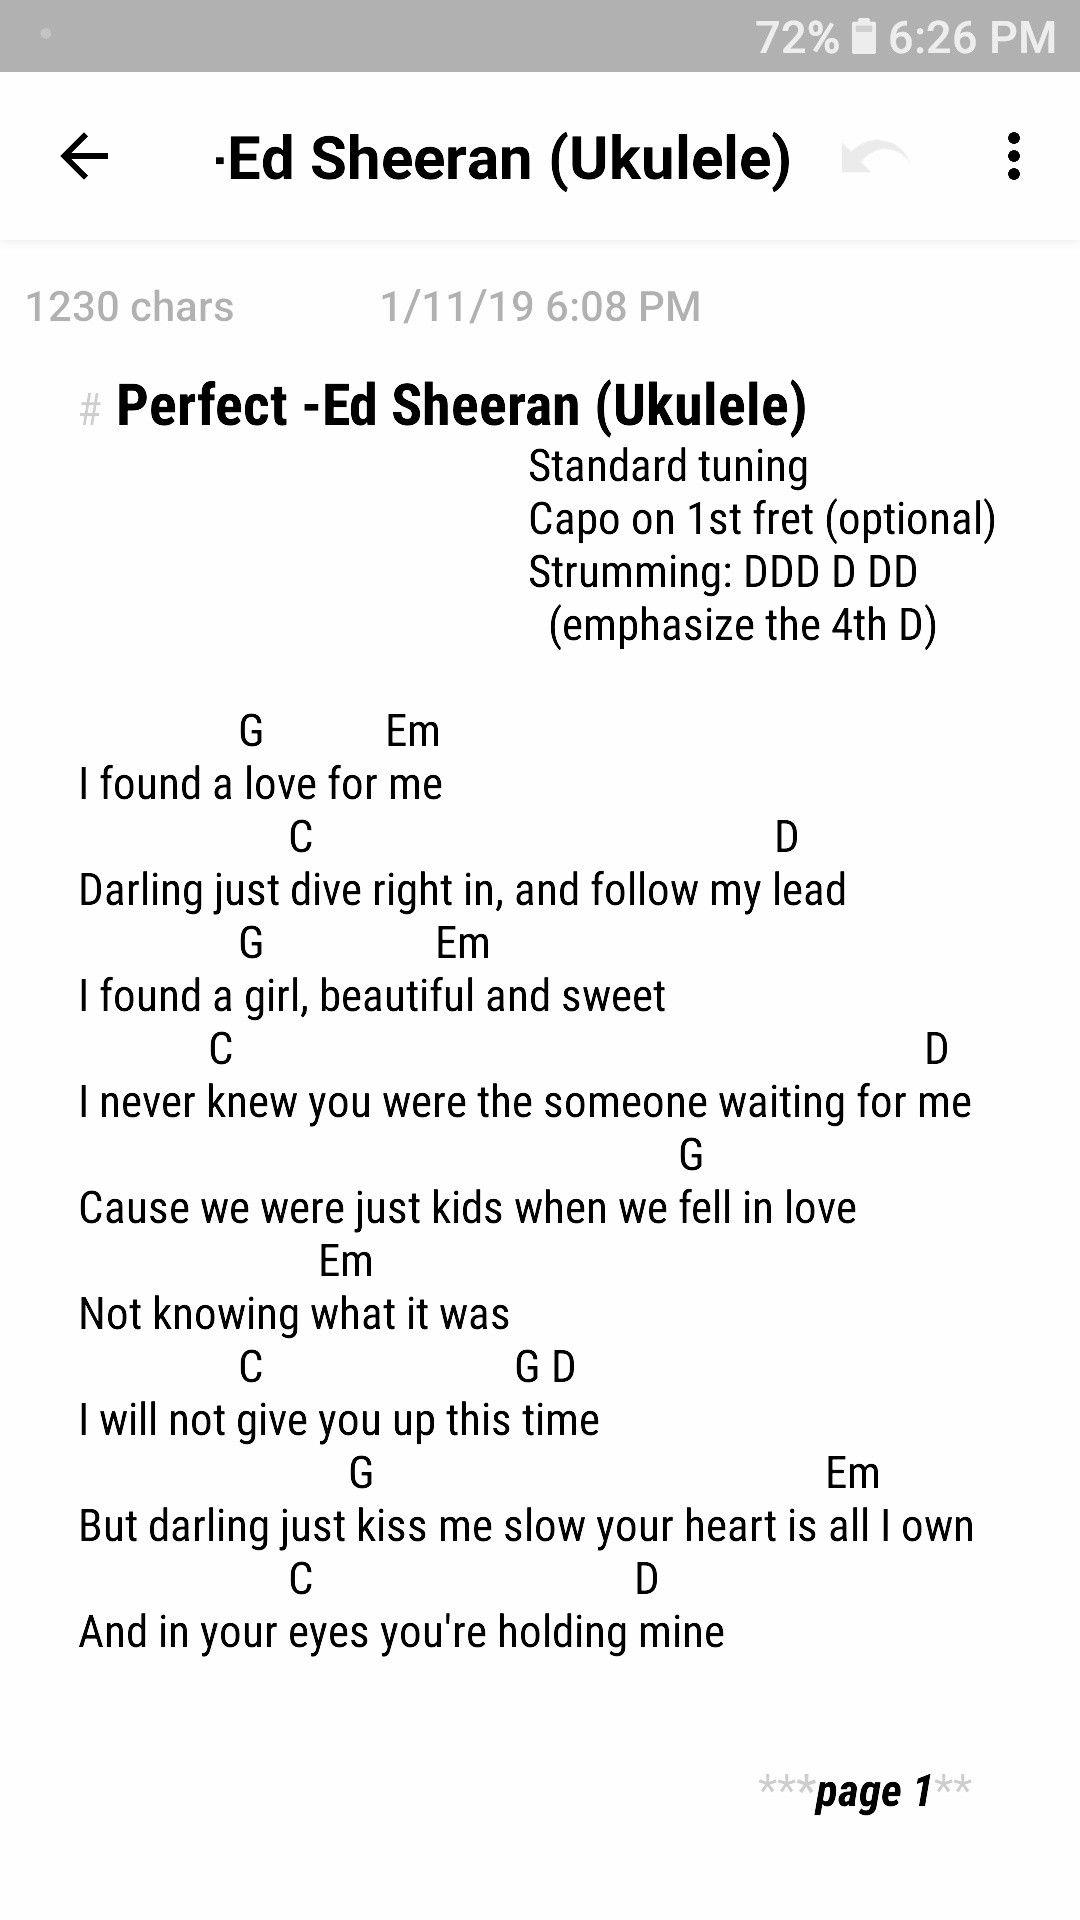 Perfect  Ed Sheeran page 200/20 Elise Ecklund on youtube   Ukulele ...